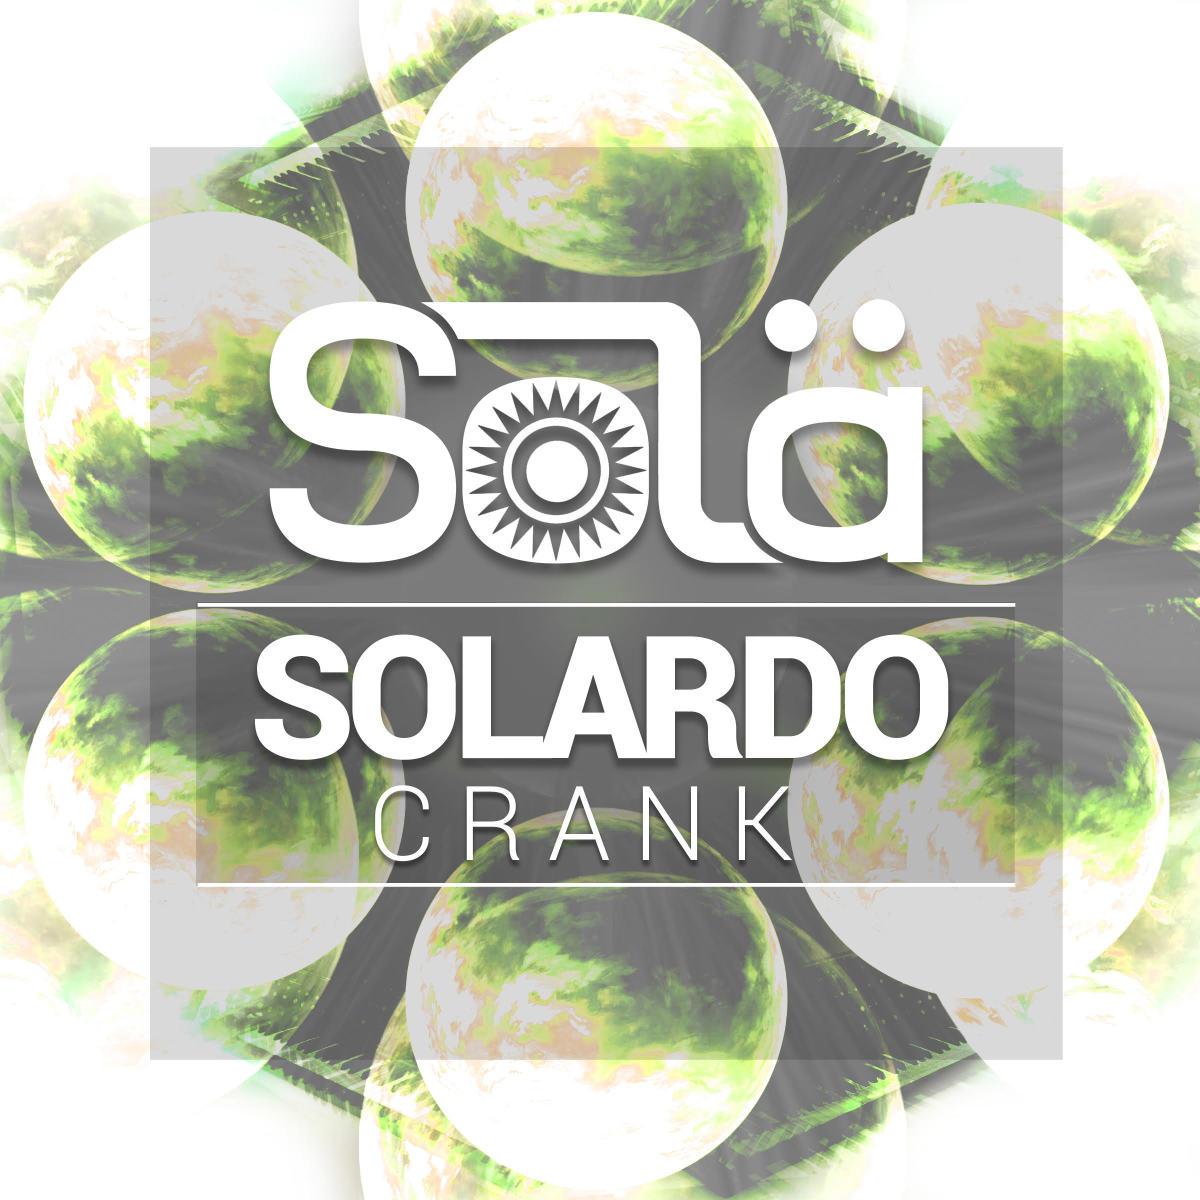 Solardo crank